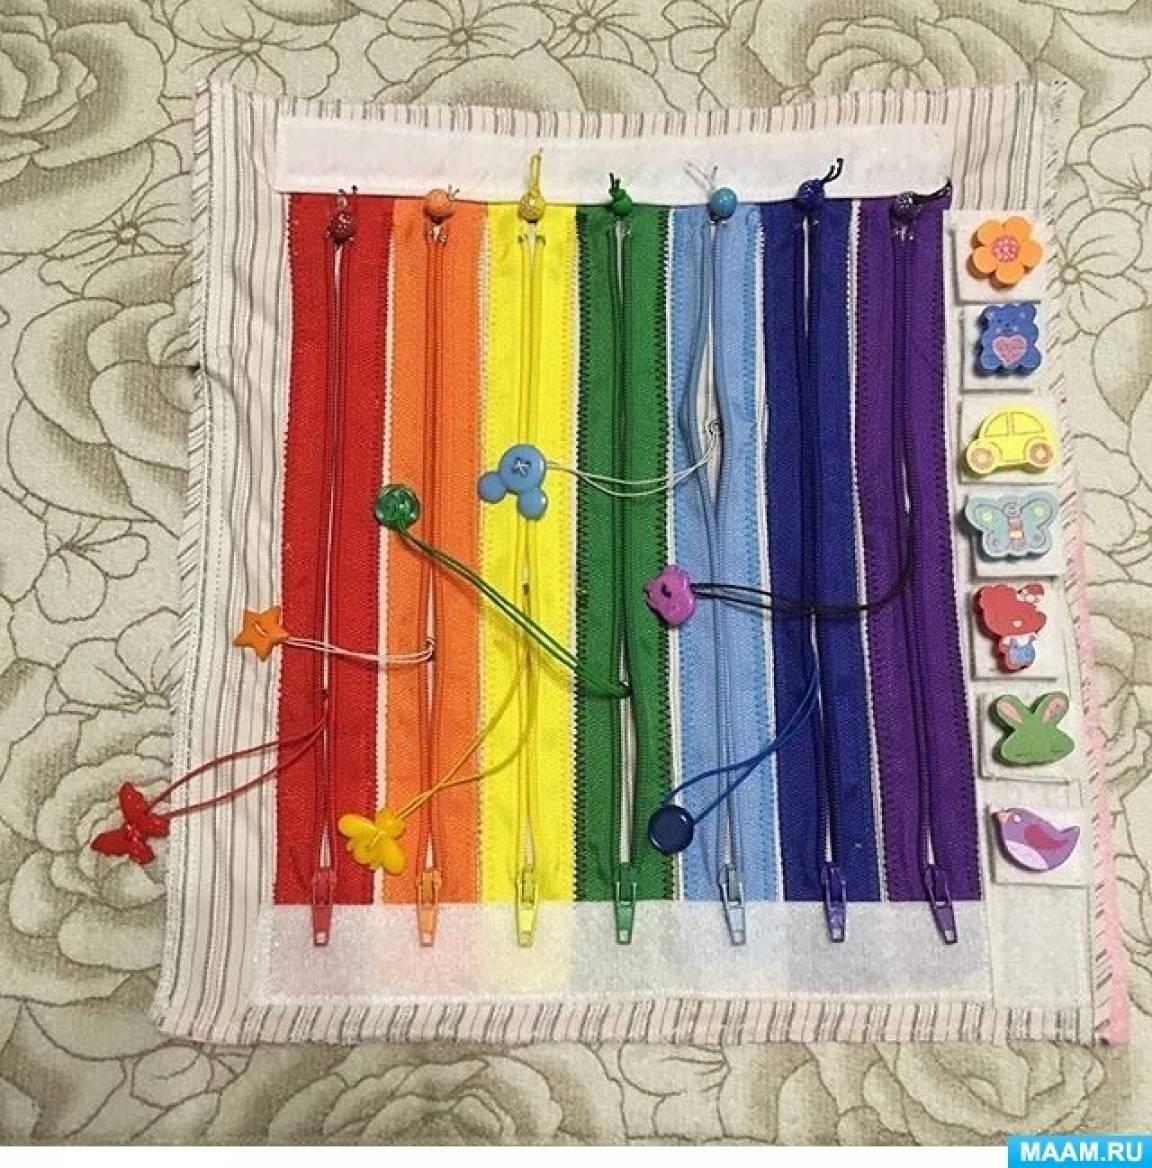 detsad-1623995-1570903223 Аппликации из фетра с выкройками: цветы-выкройки и шаблоны своими руками